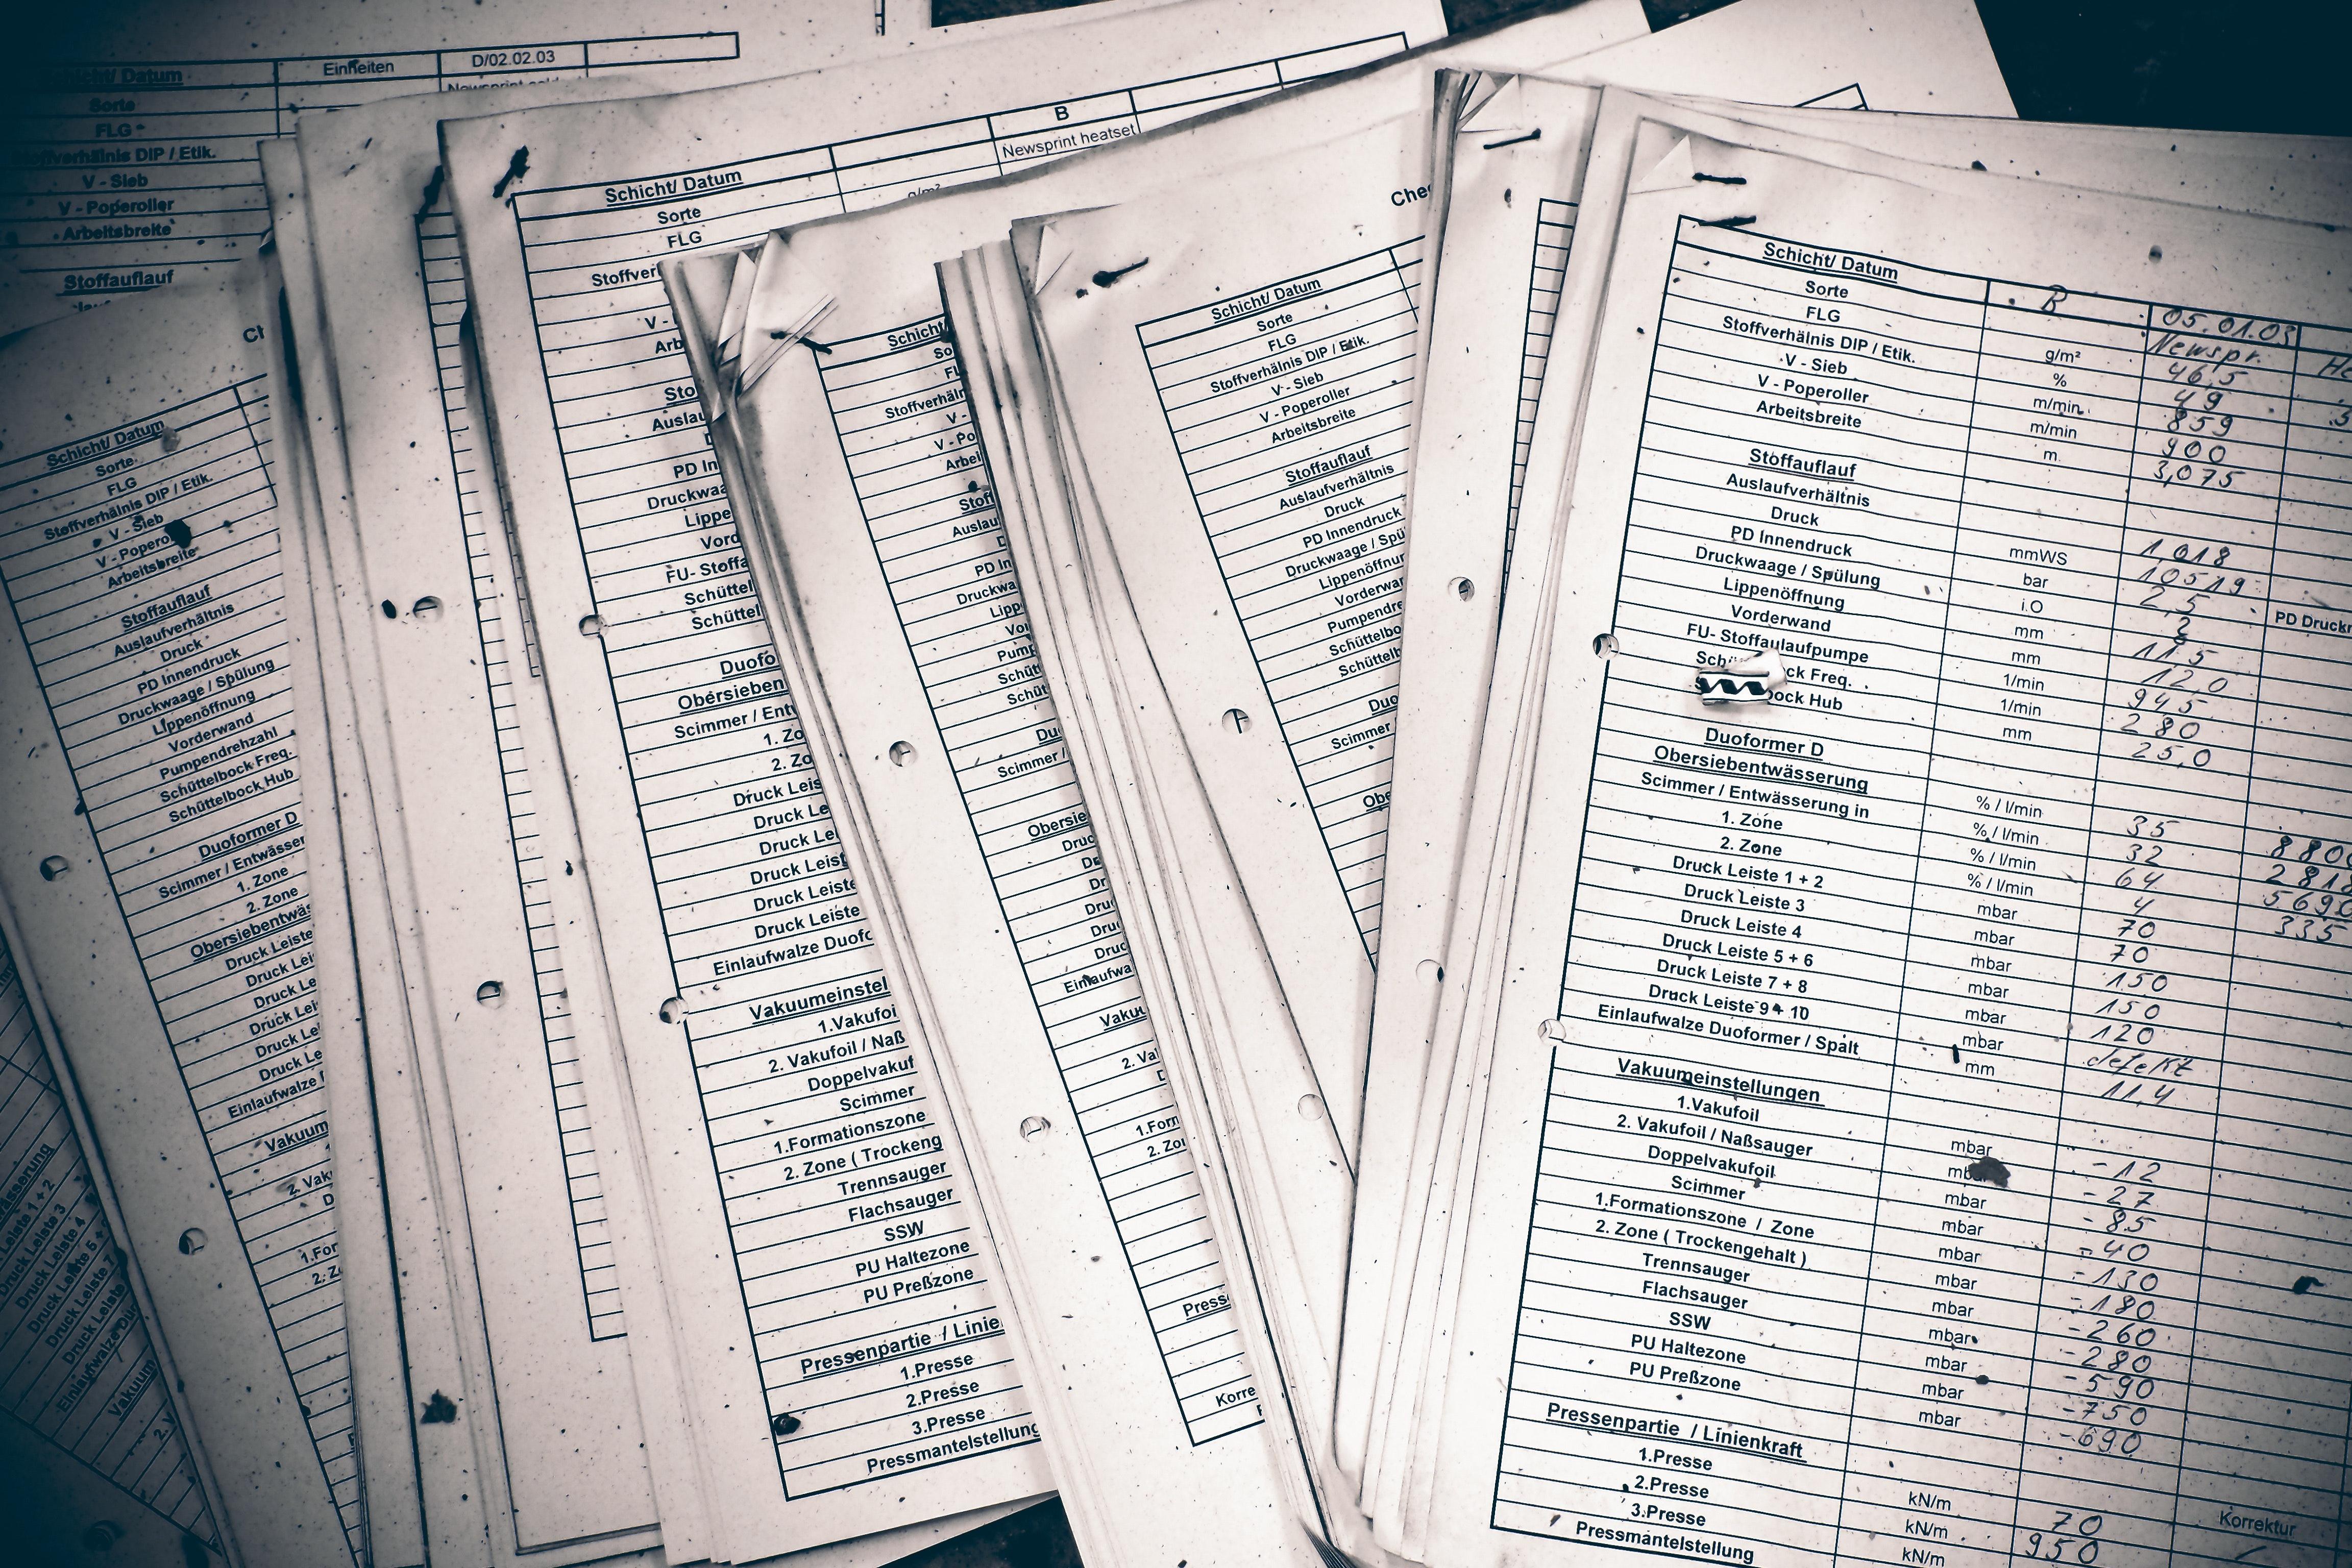 Arquivos necessitando serem revisados muitas vezes